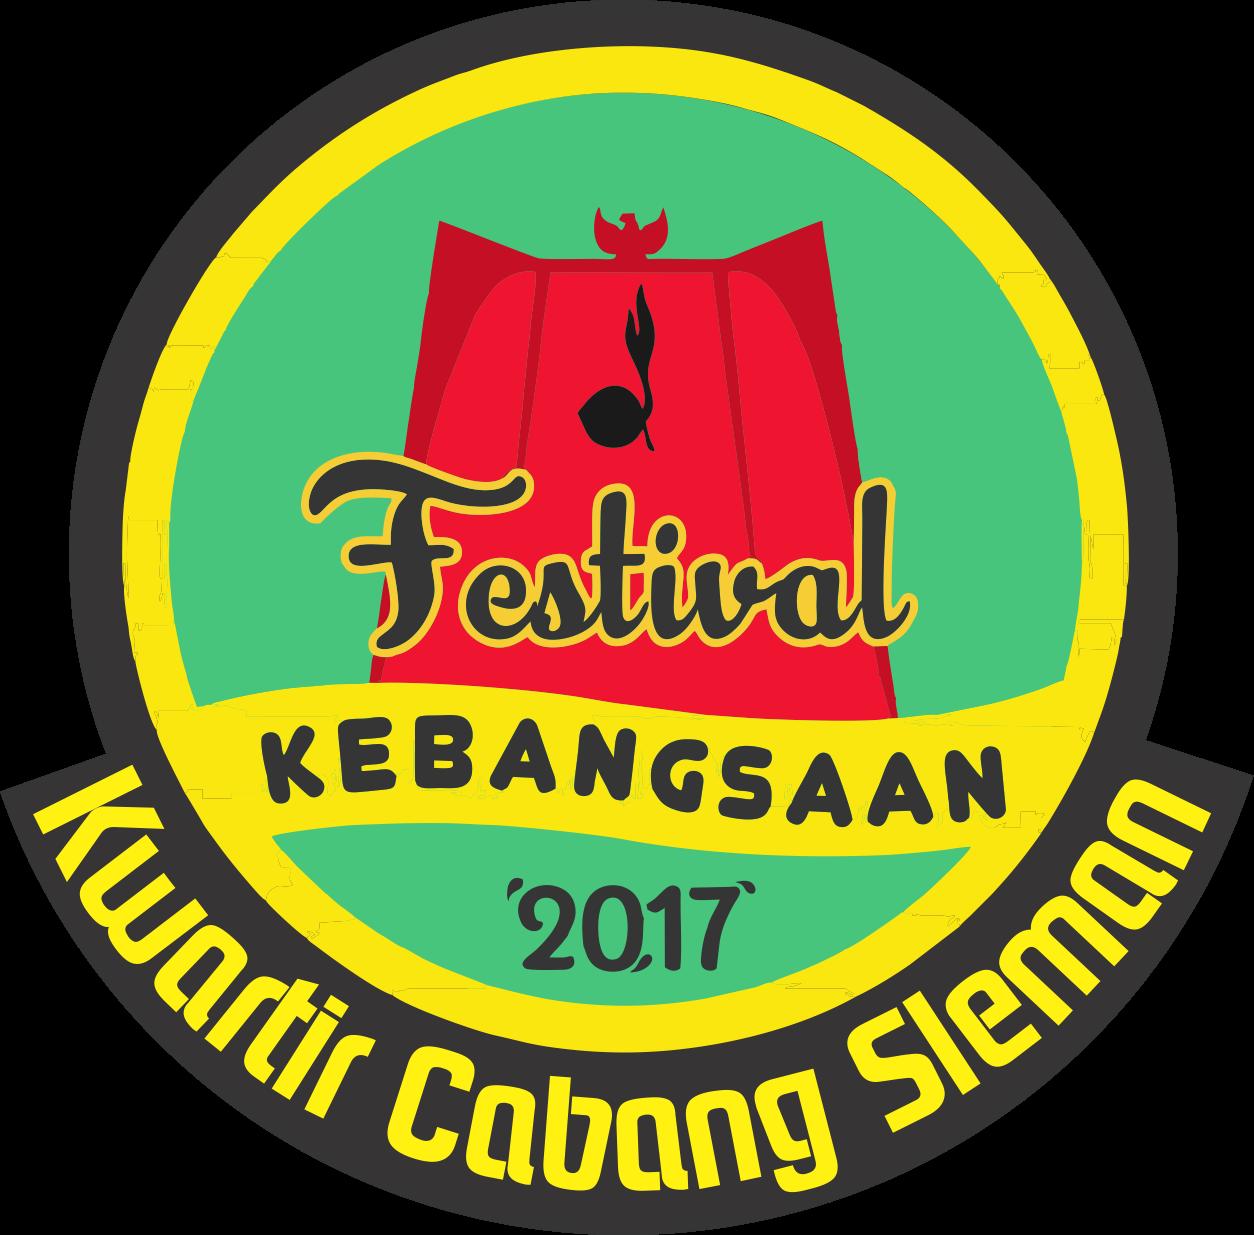 Festival Kebangsaan 2017